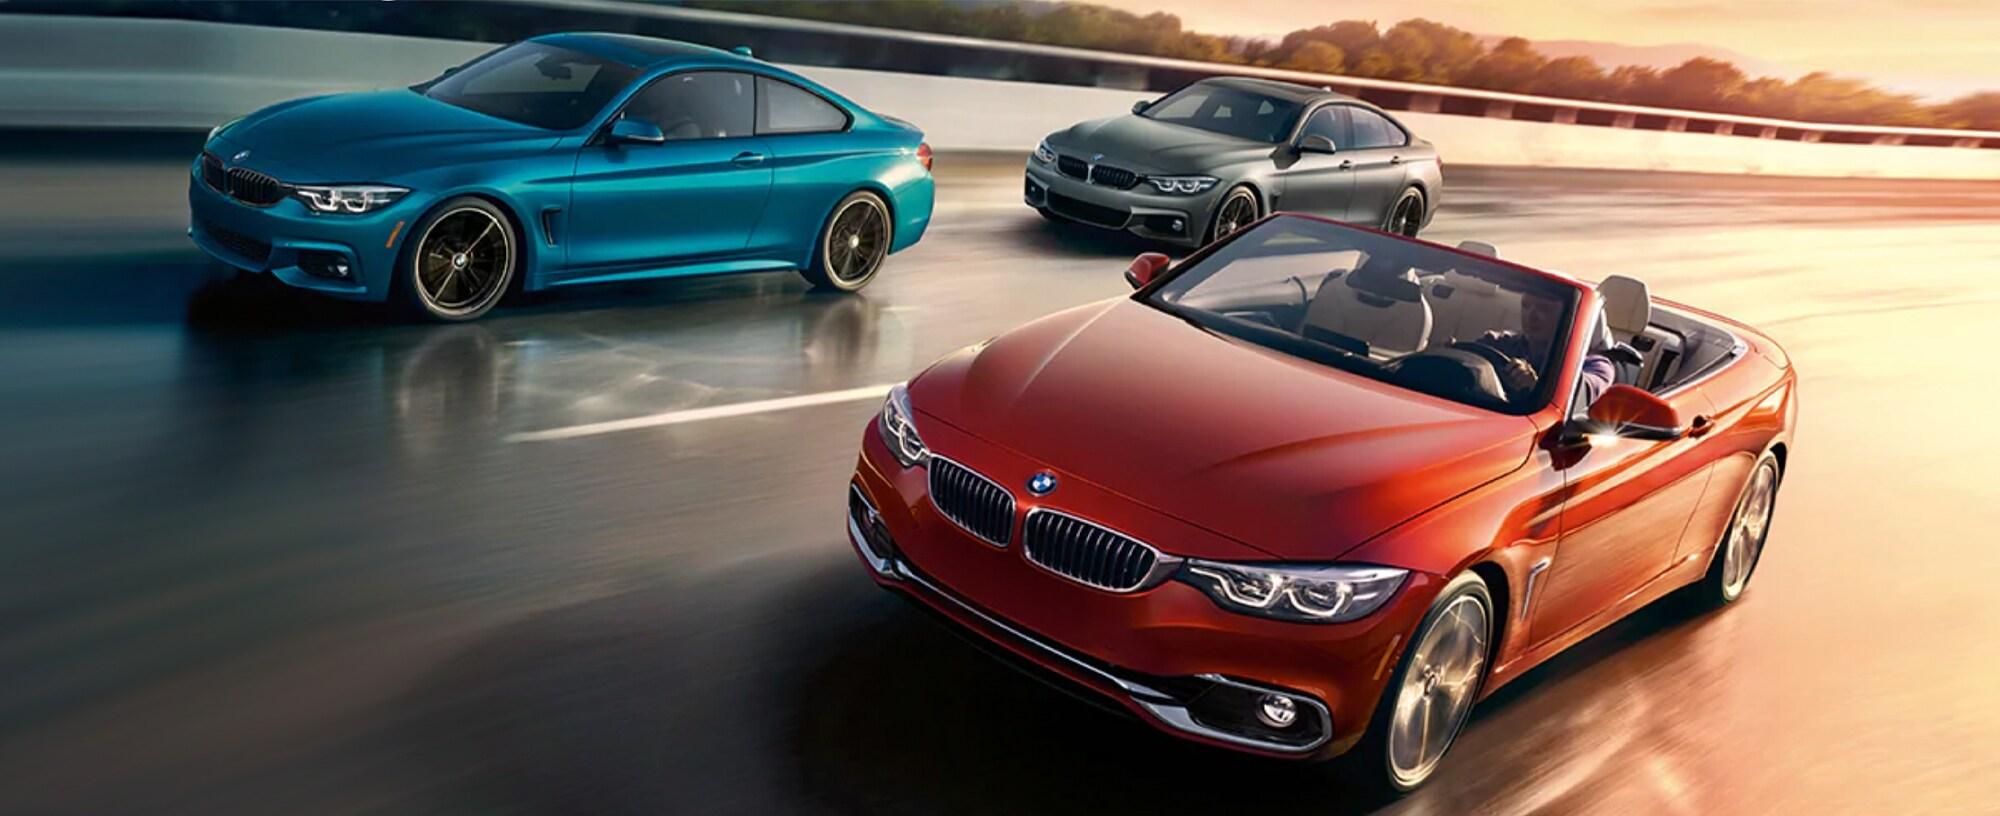 2020 BMW 4 Series | BMW of Reading, My BMW Dealership